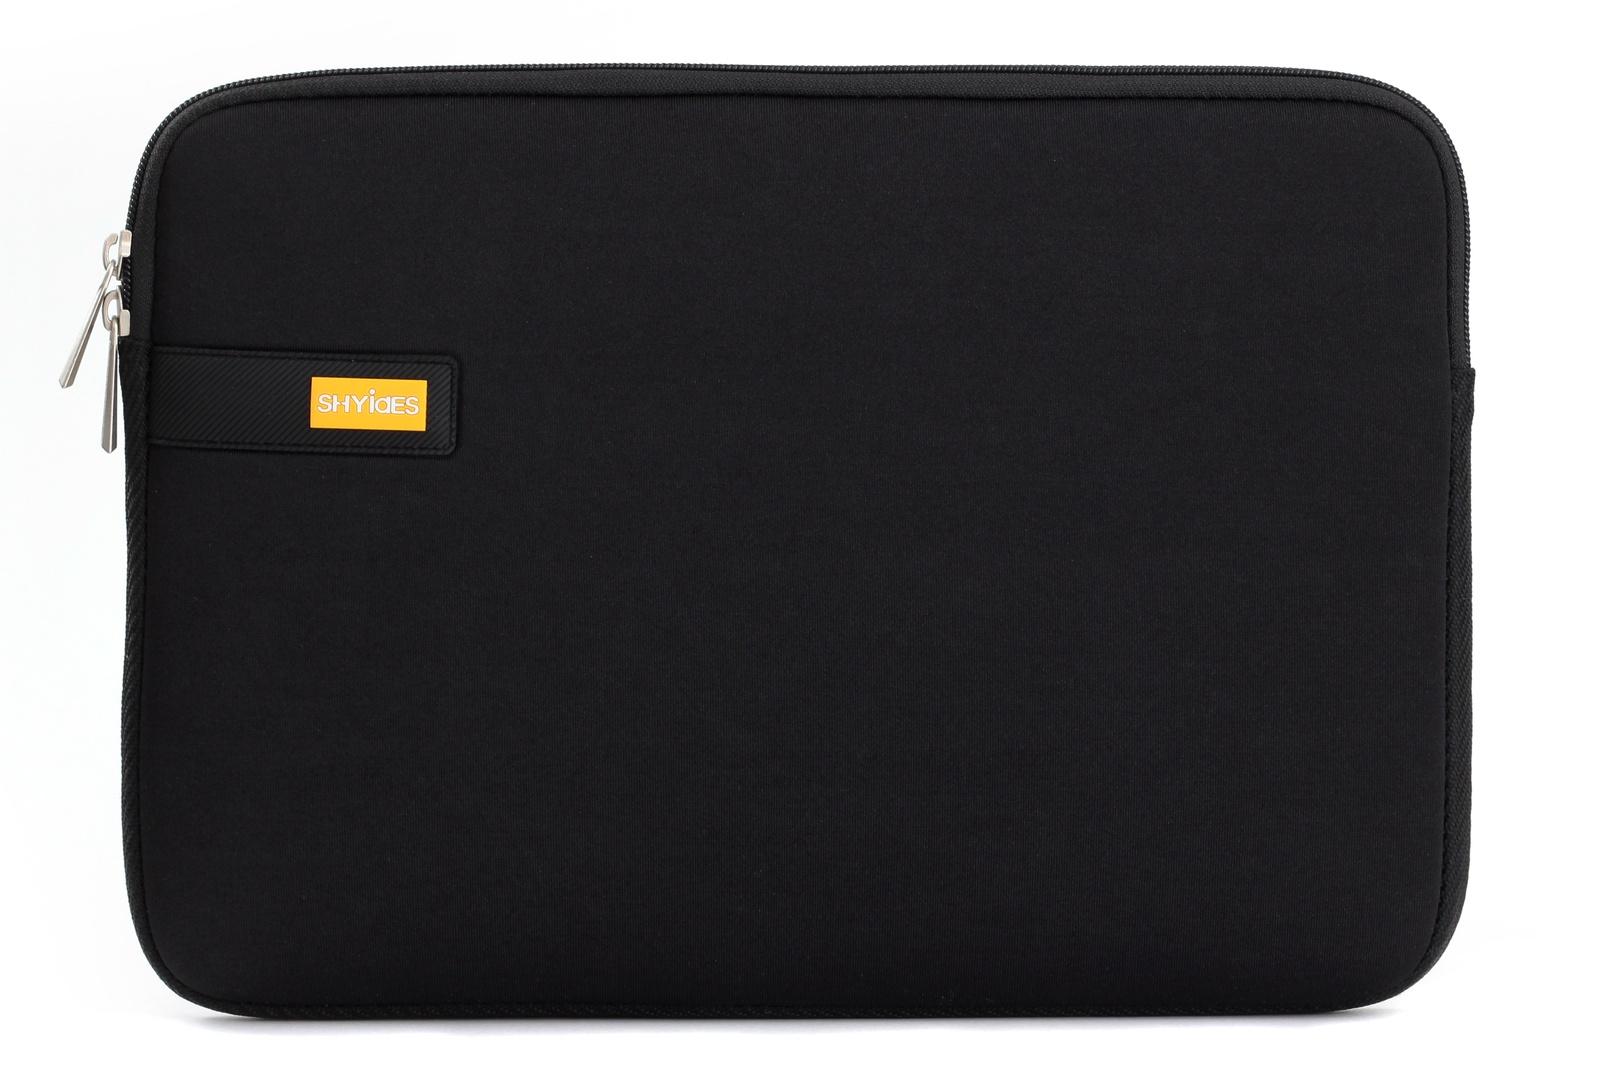 Чехол сумка SHYIDES для ноутбука 12, черный